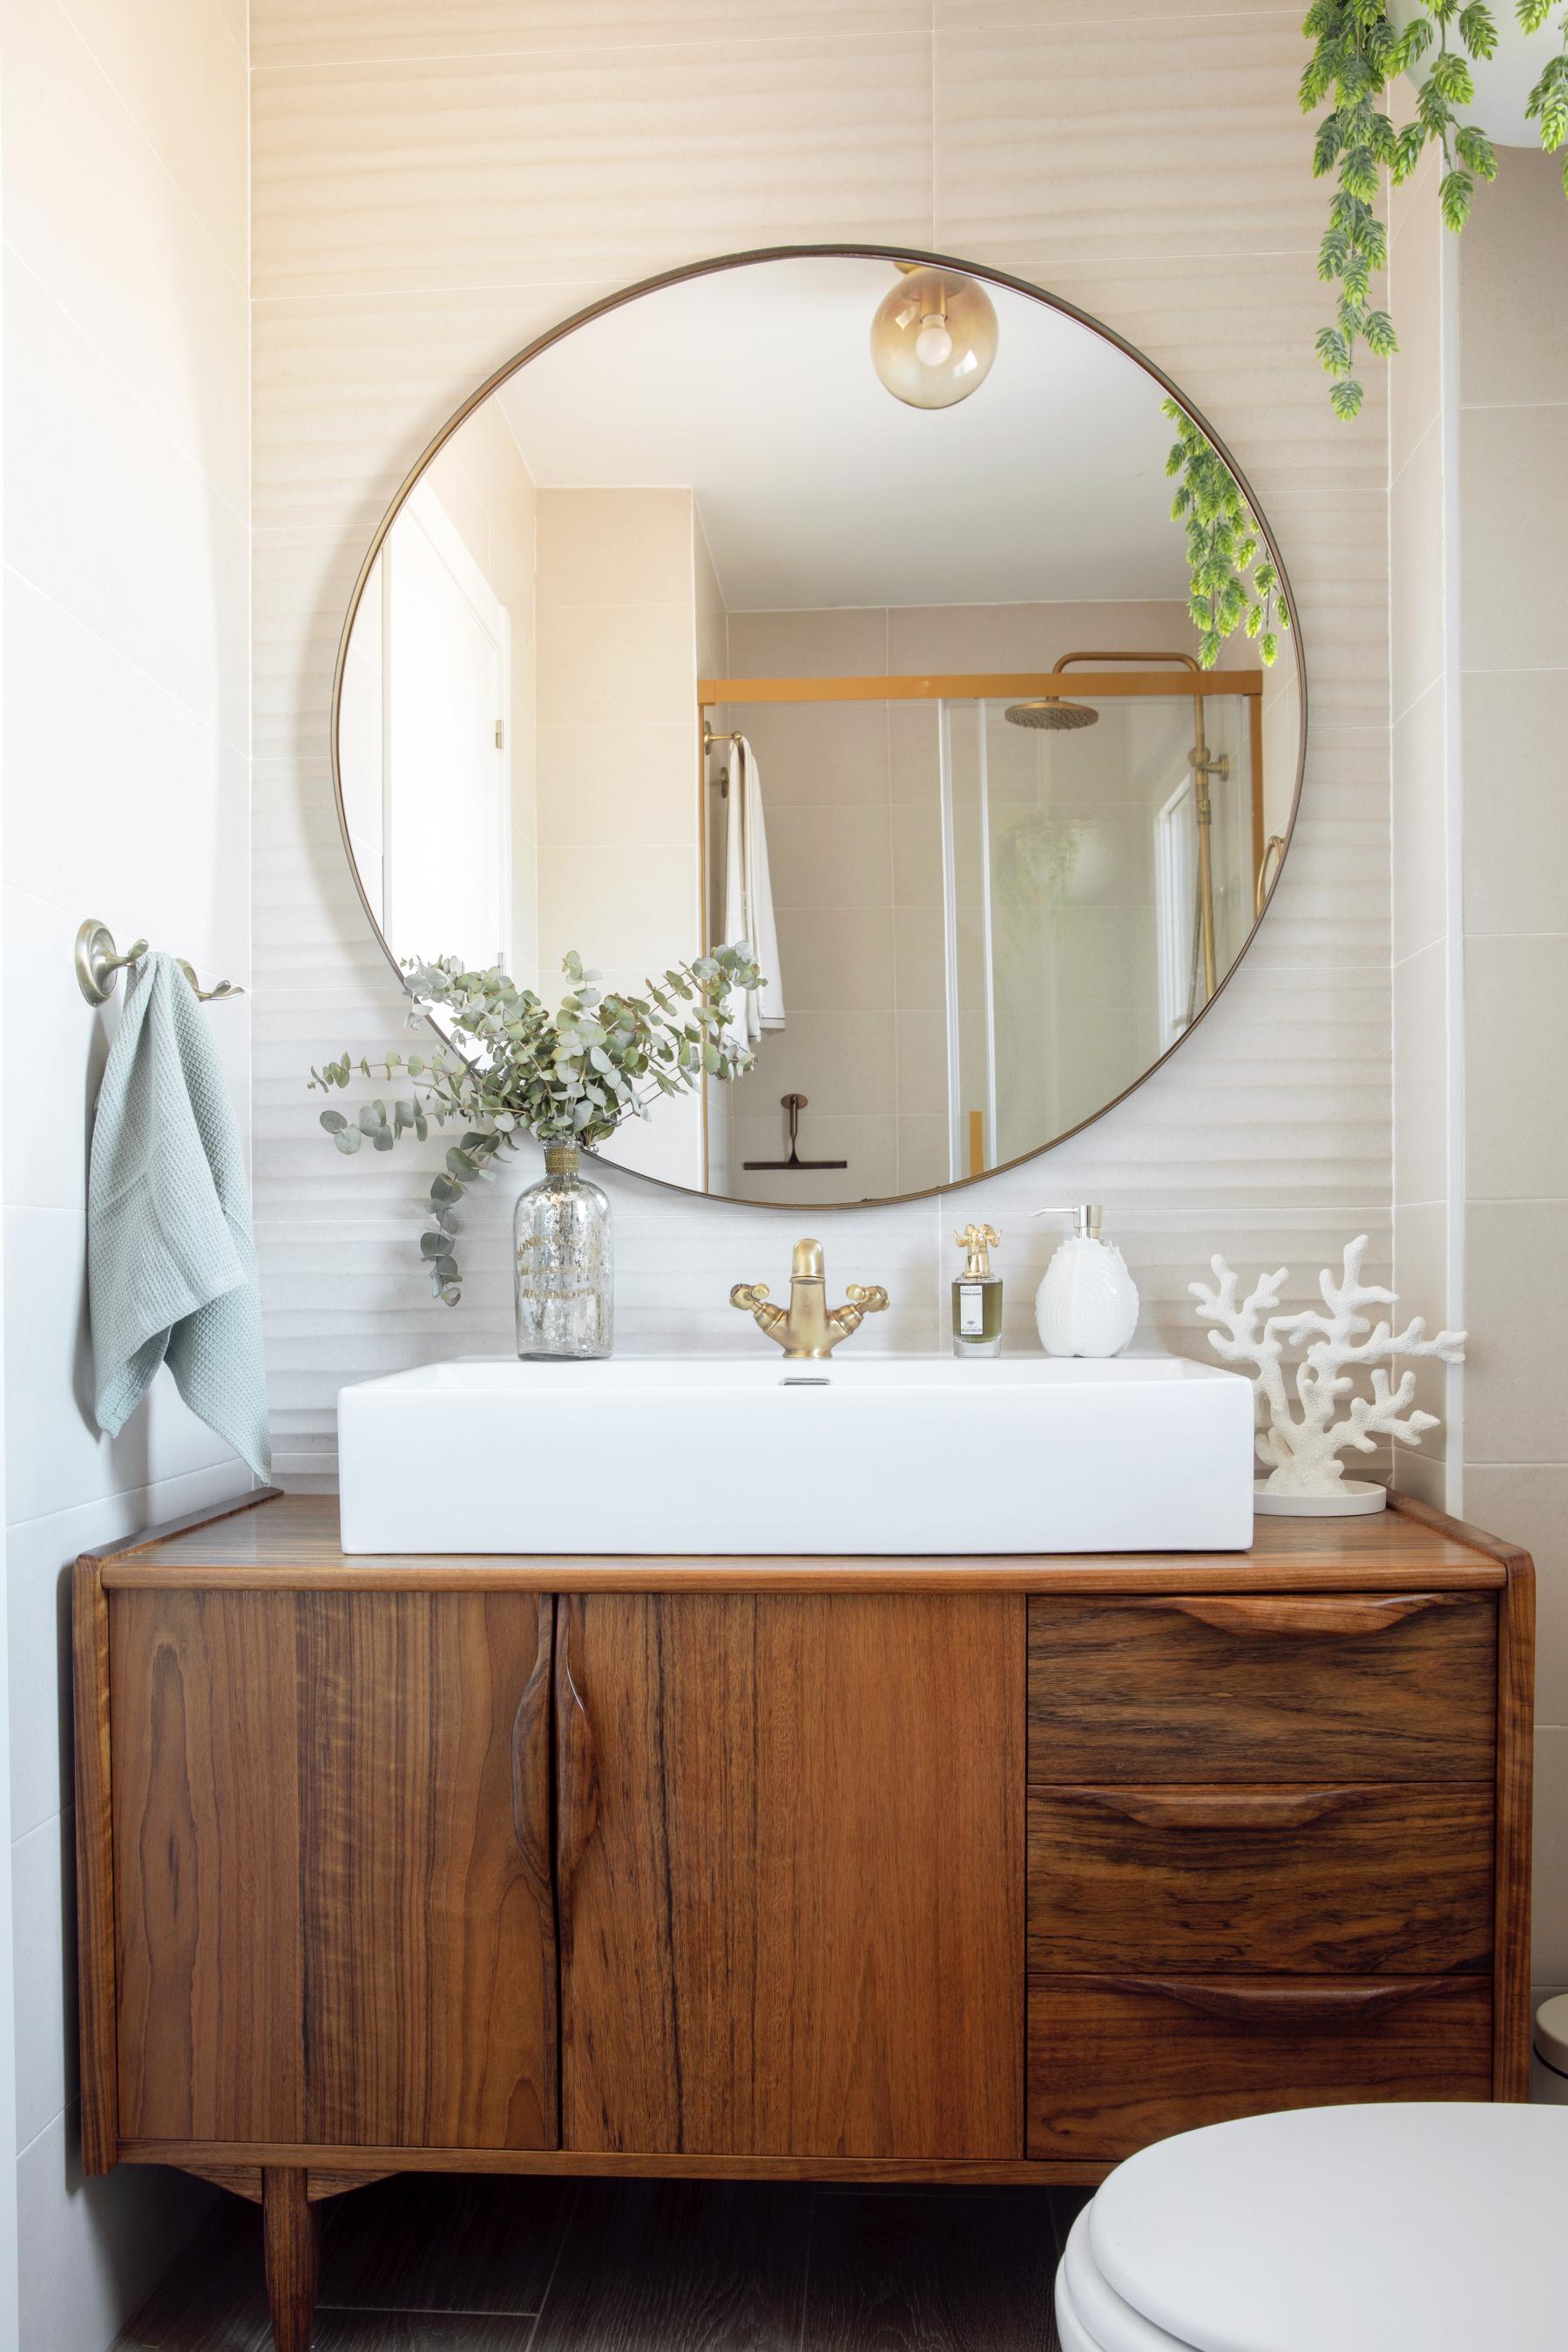 El baño principal con mueble hecho a medida en madera de mongoy por Lakari Kala y espejo ovalado.